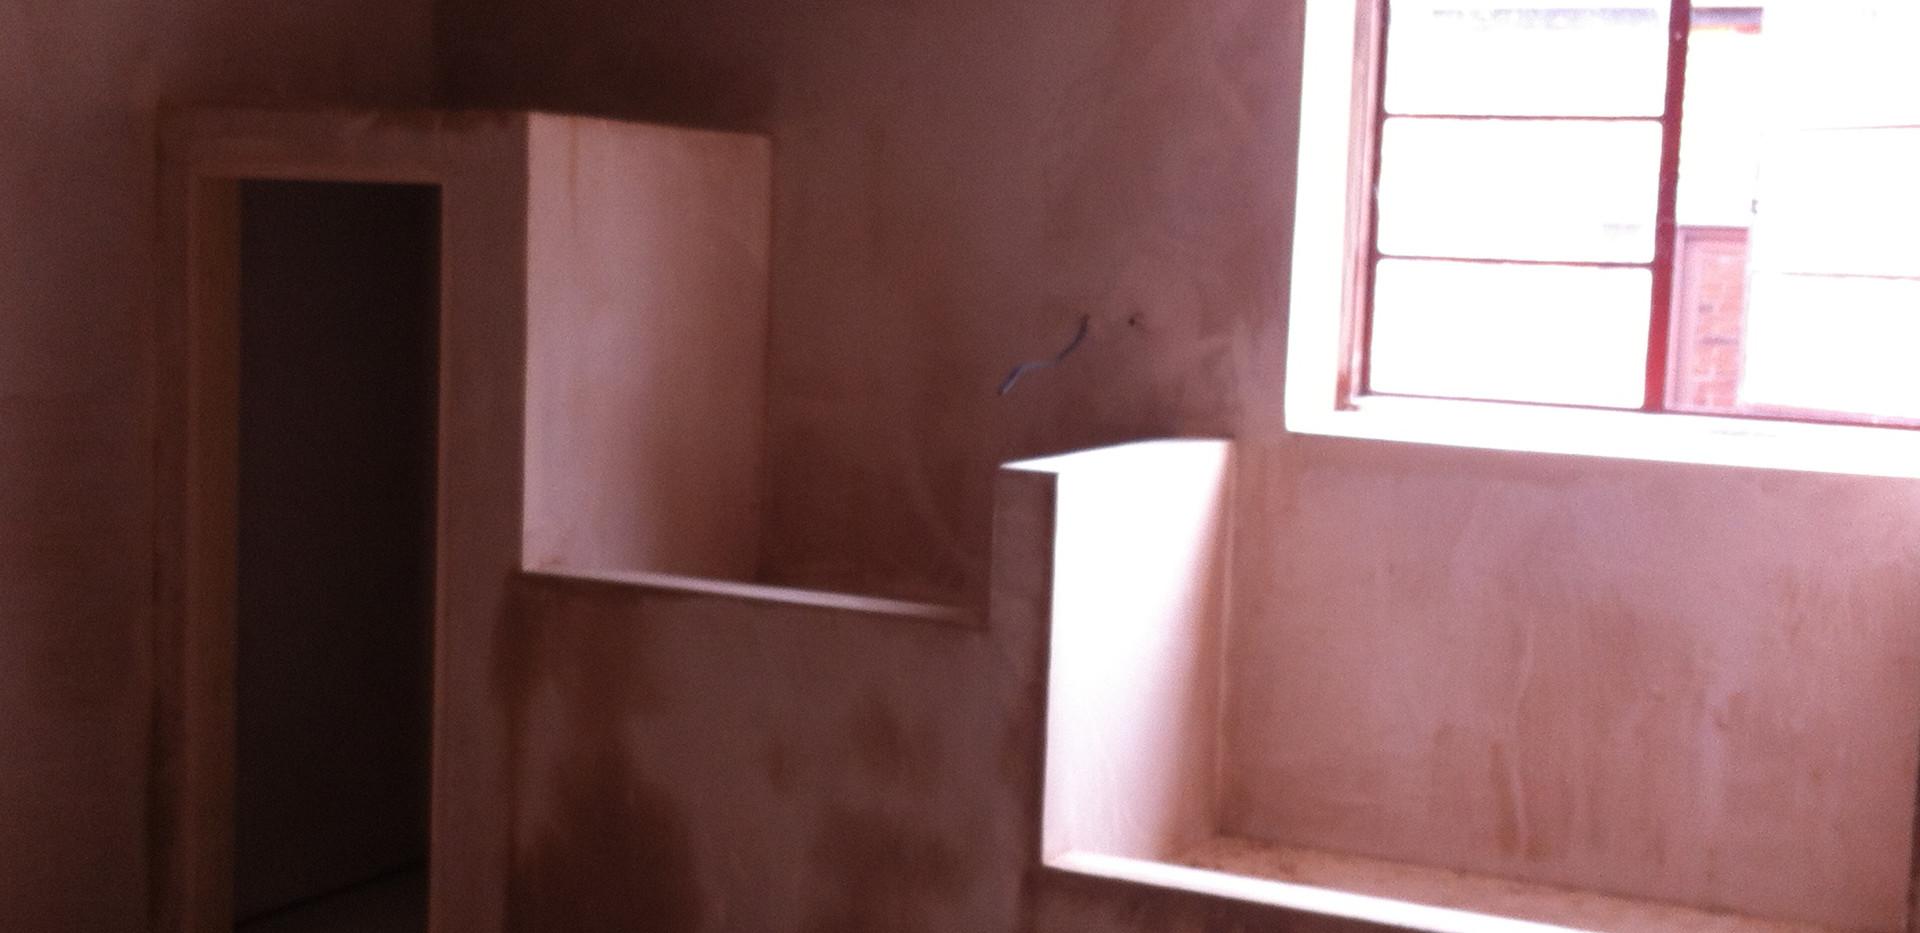 Grooming Room 2